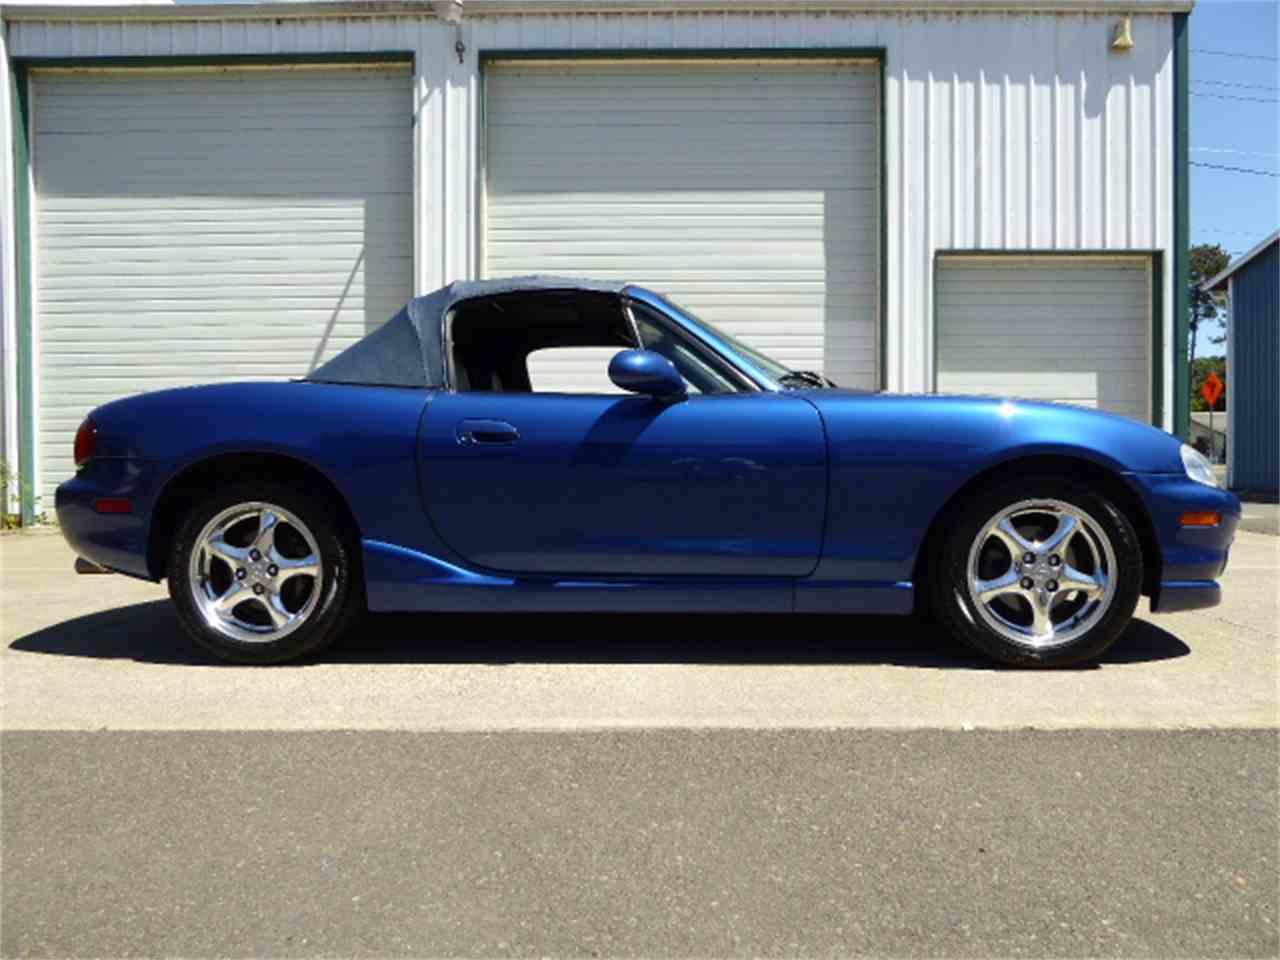 1999 Mazda Miata for Sale ClassicCars